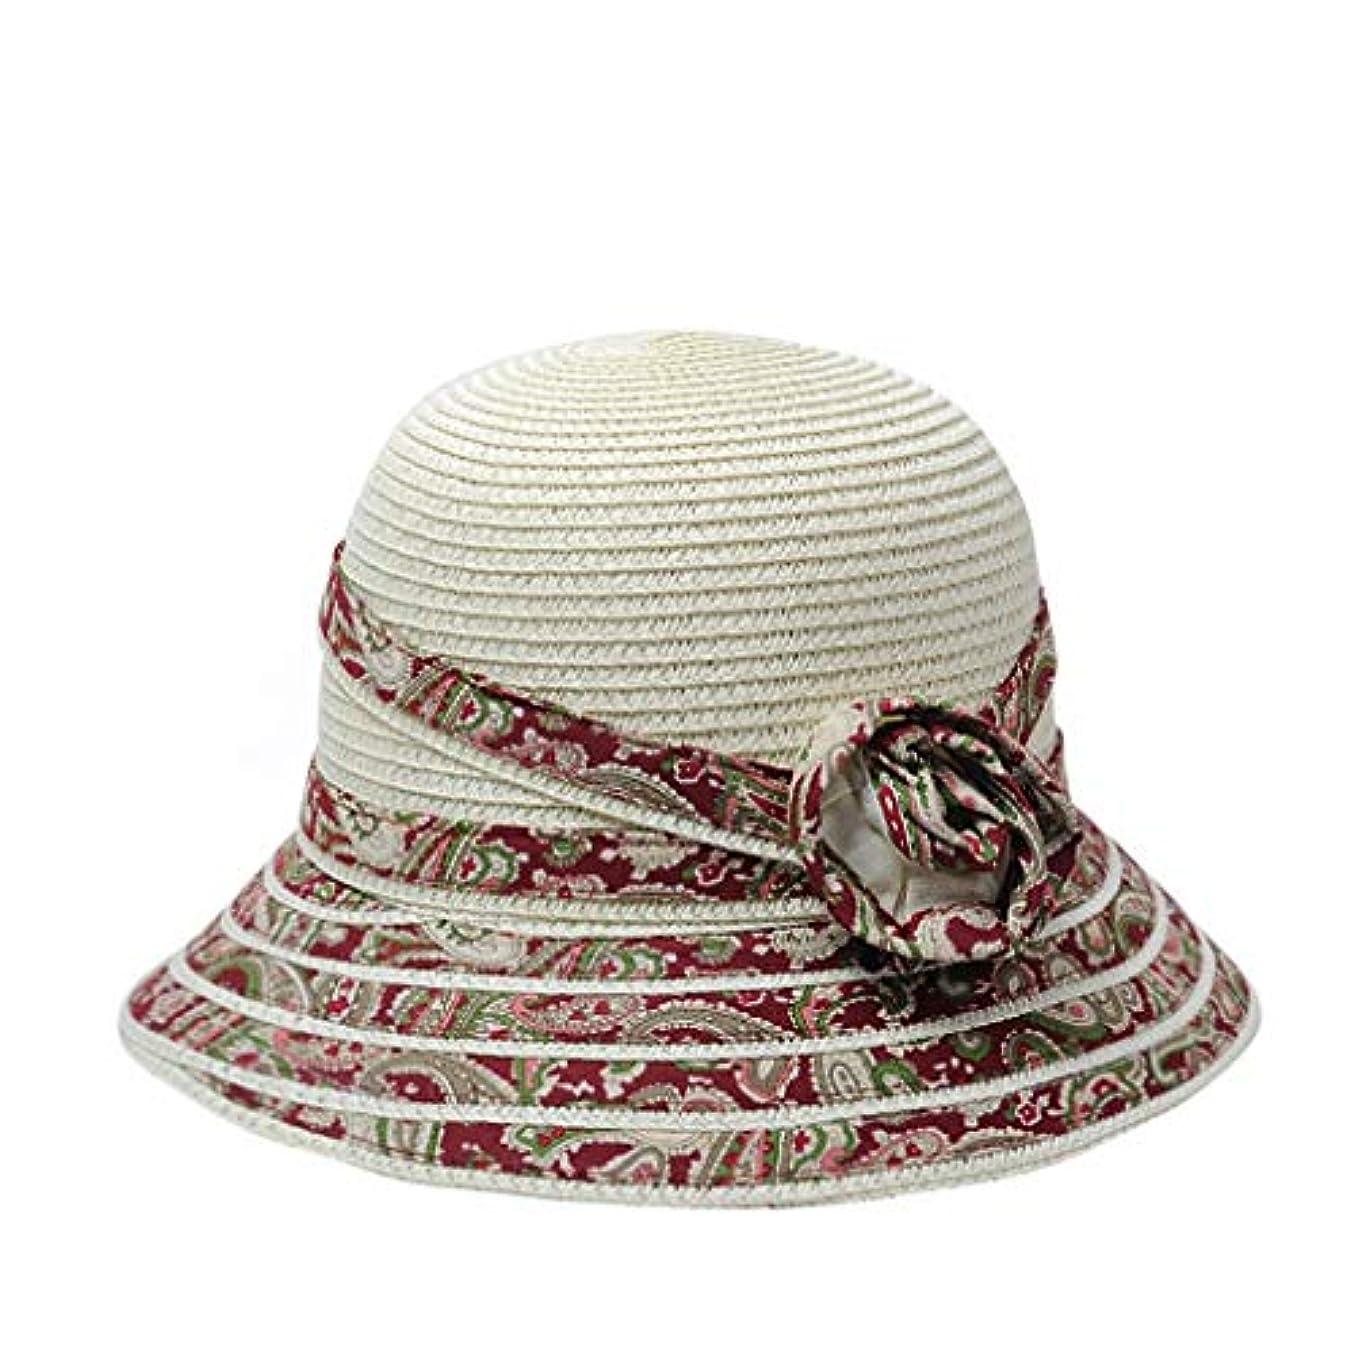 驚かすコーチ重要な役割を果たす、中心的な手段となる日よけの帽子女性の夏の涼しい帽子韓国語版はまだ日曜日の保護日曜日の帽子ビーチの帽子折りたたみの花の流域の帽子麦わら帽子 (Color : C)